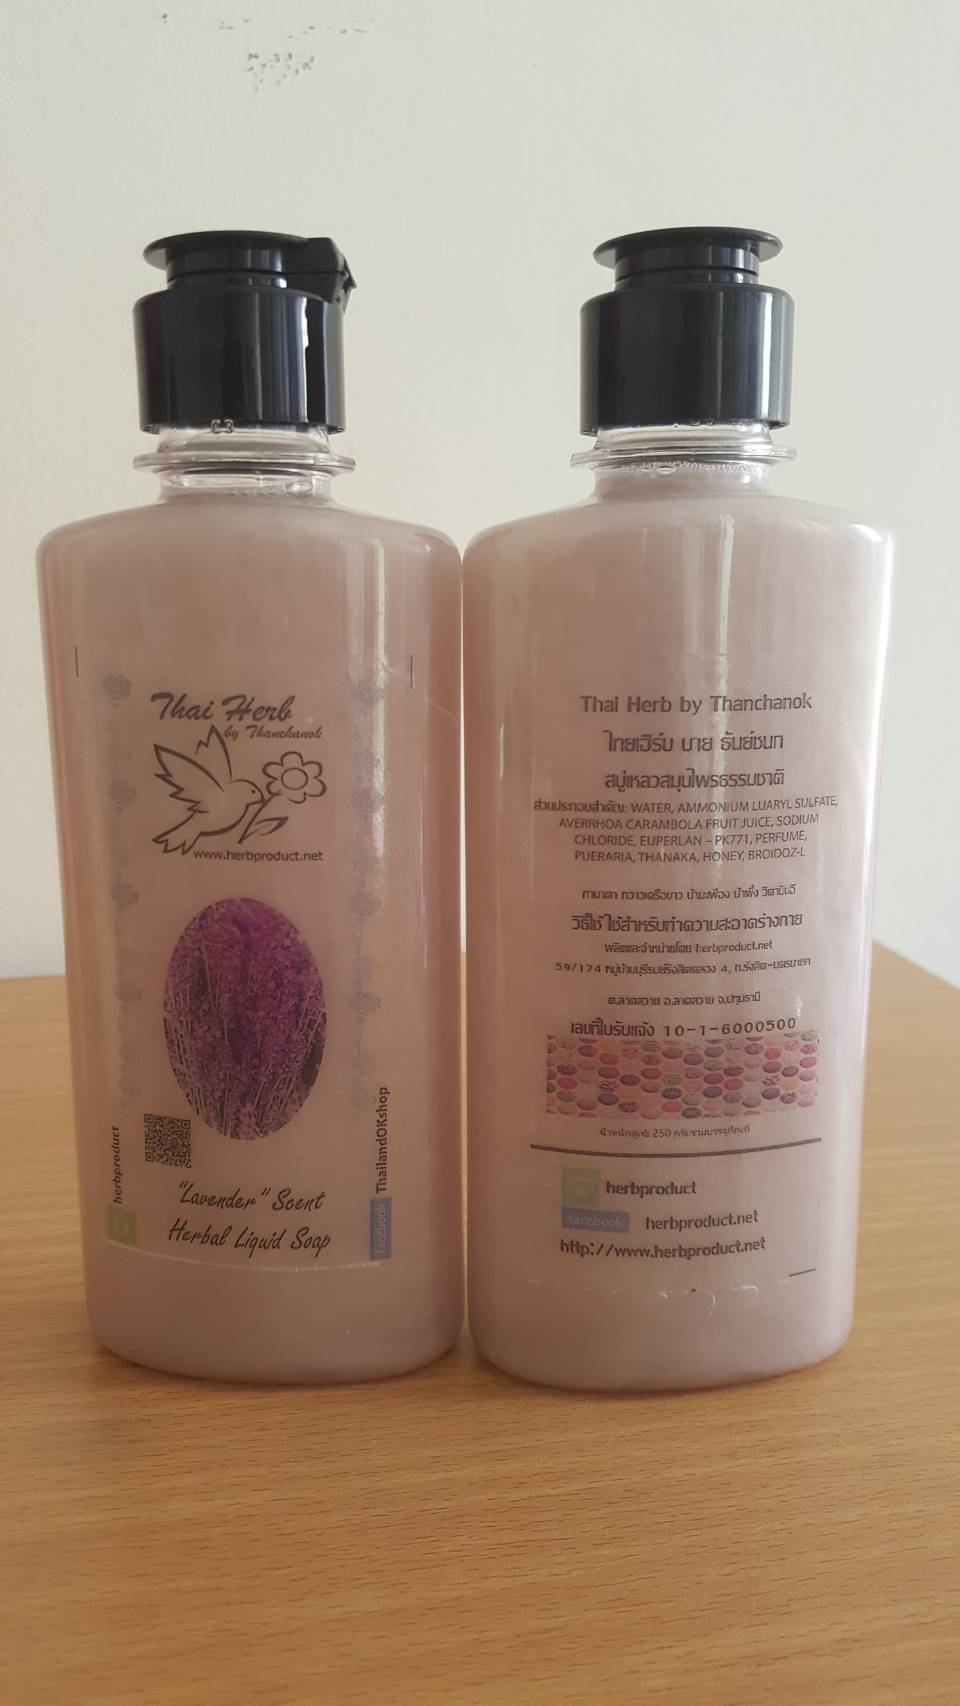 สบู่สมุนไพร กลิ่นลาเวนเดอร์ / Natural Liquid Soap Lavender Scent